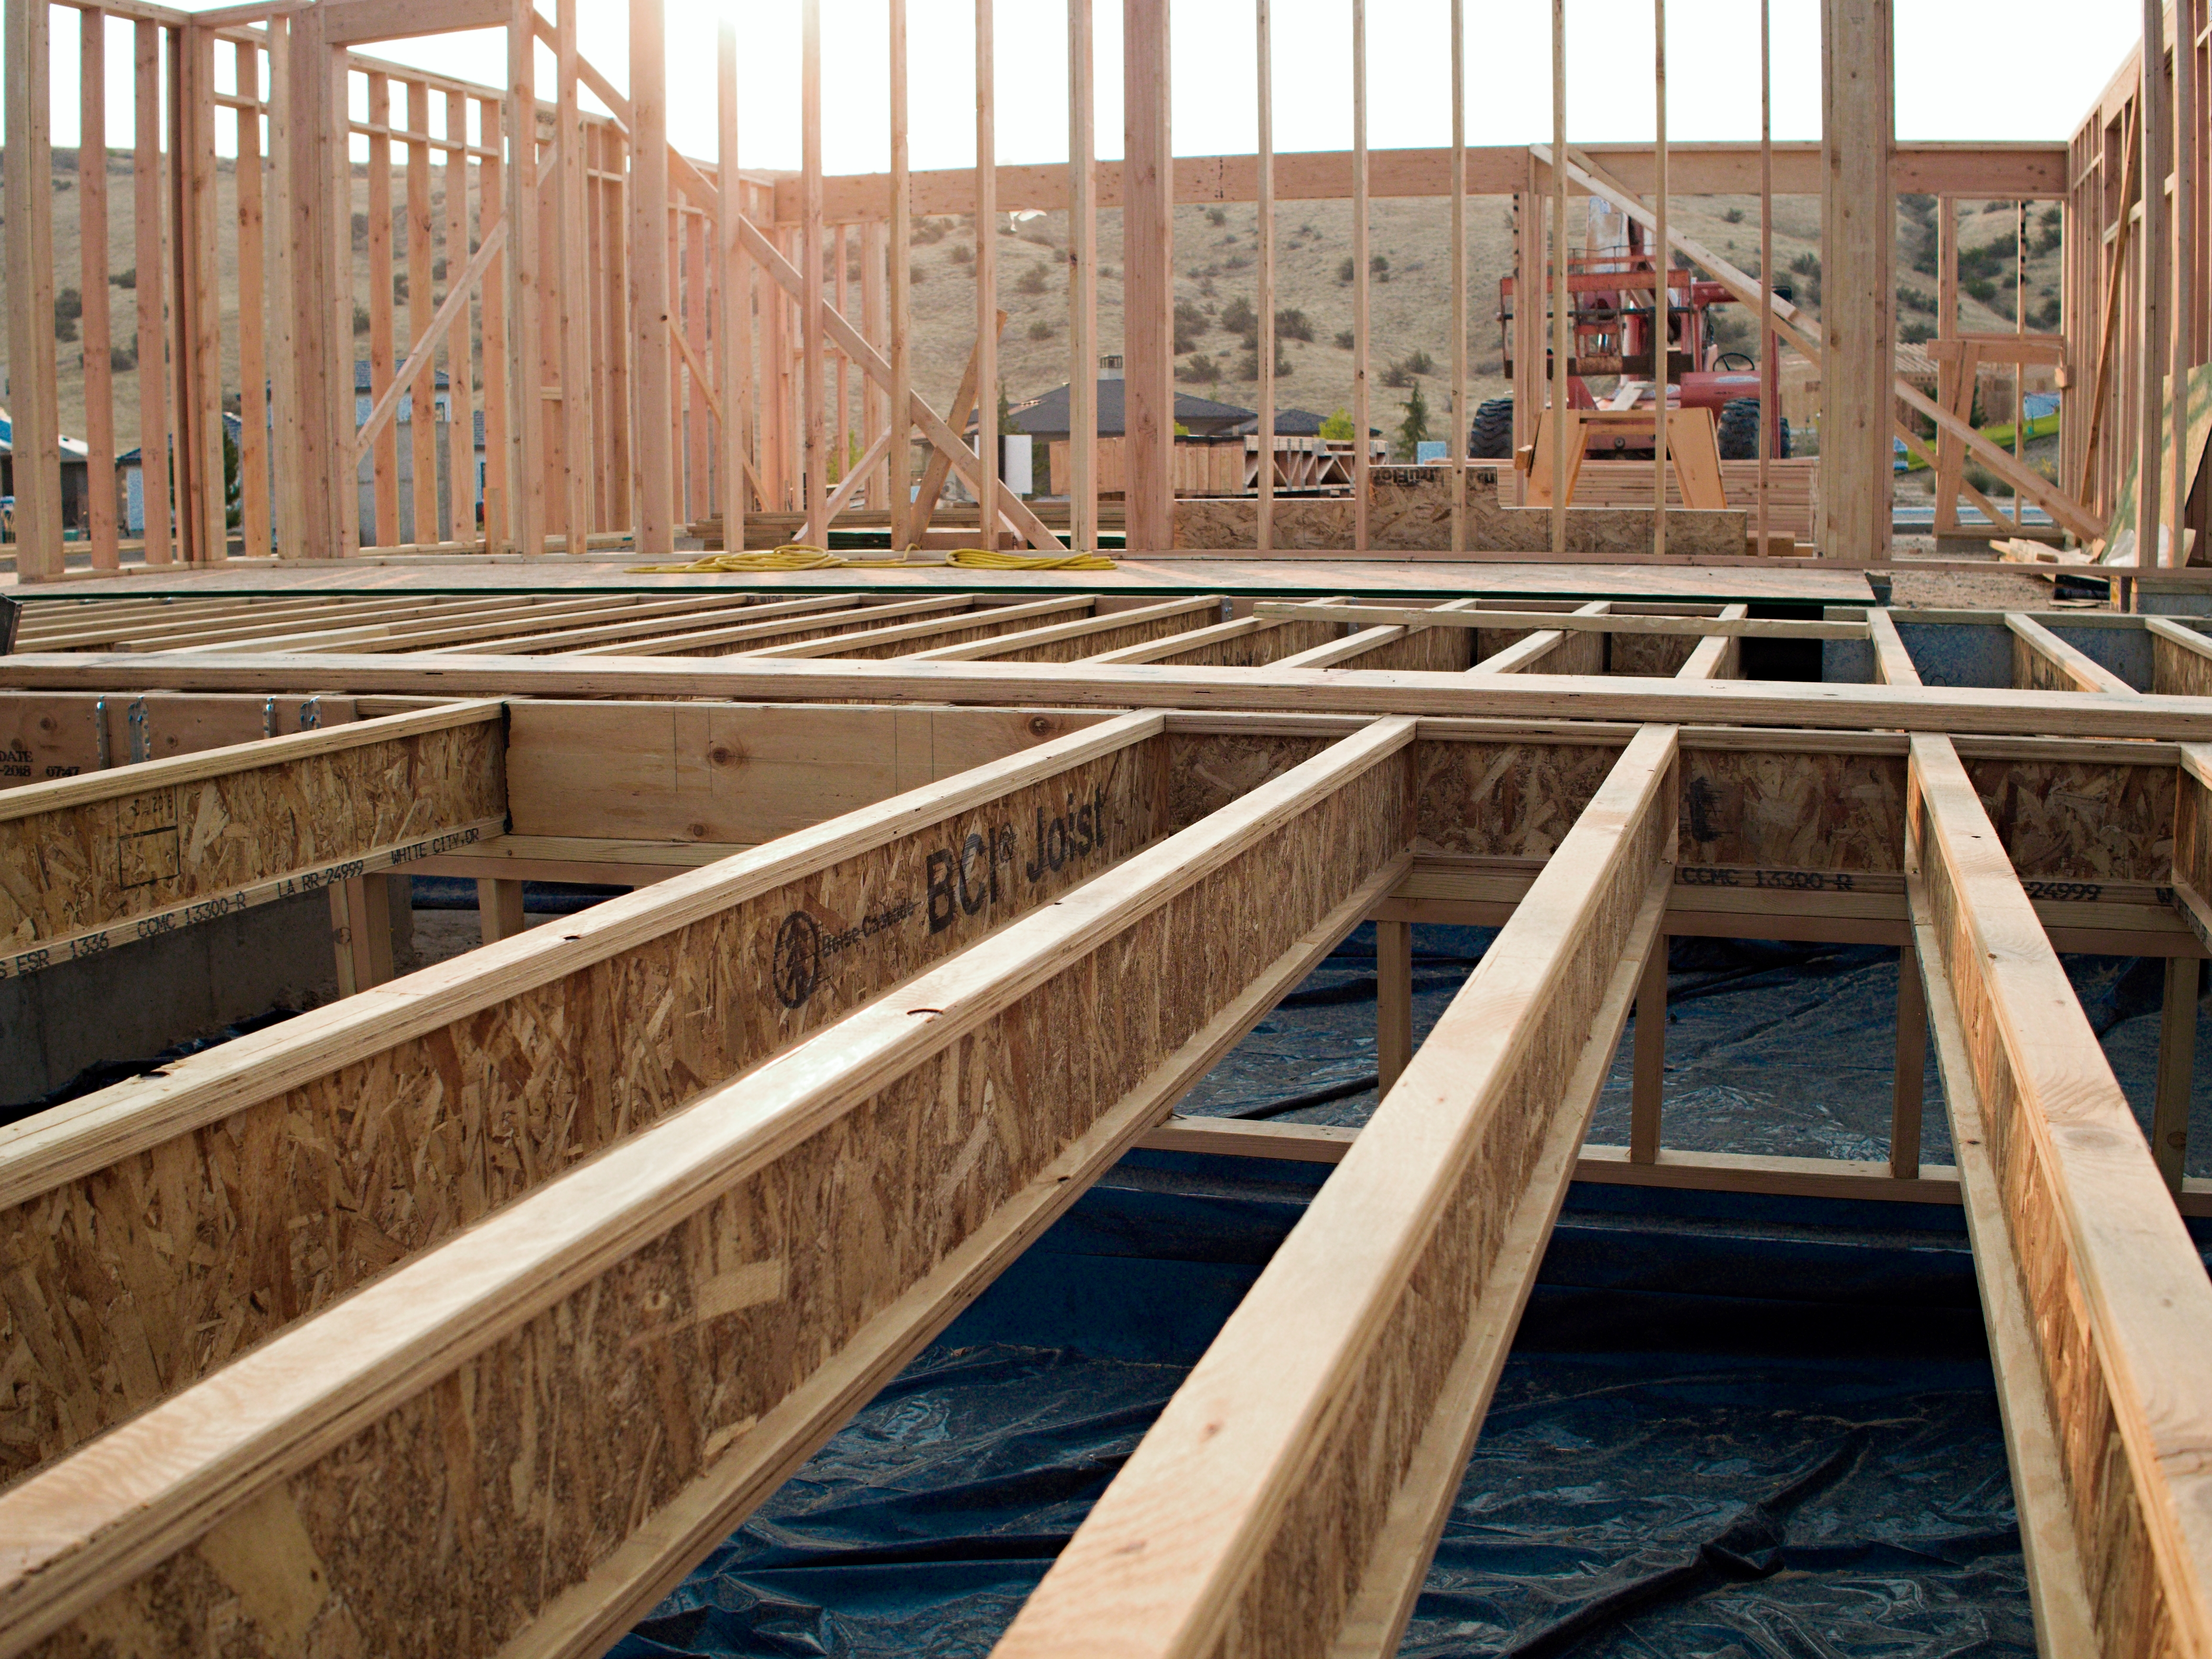 floor framing with Boise Cascade BCI joists